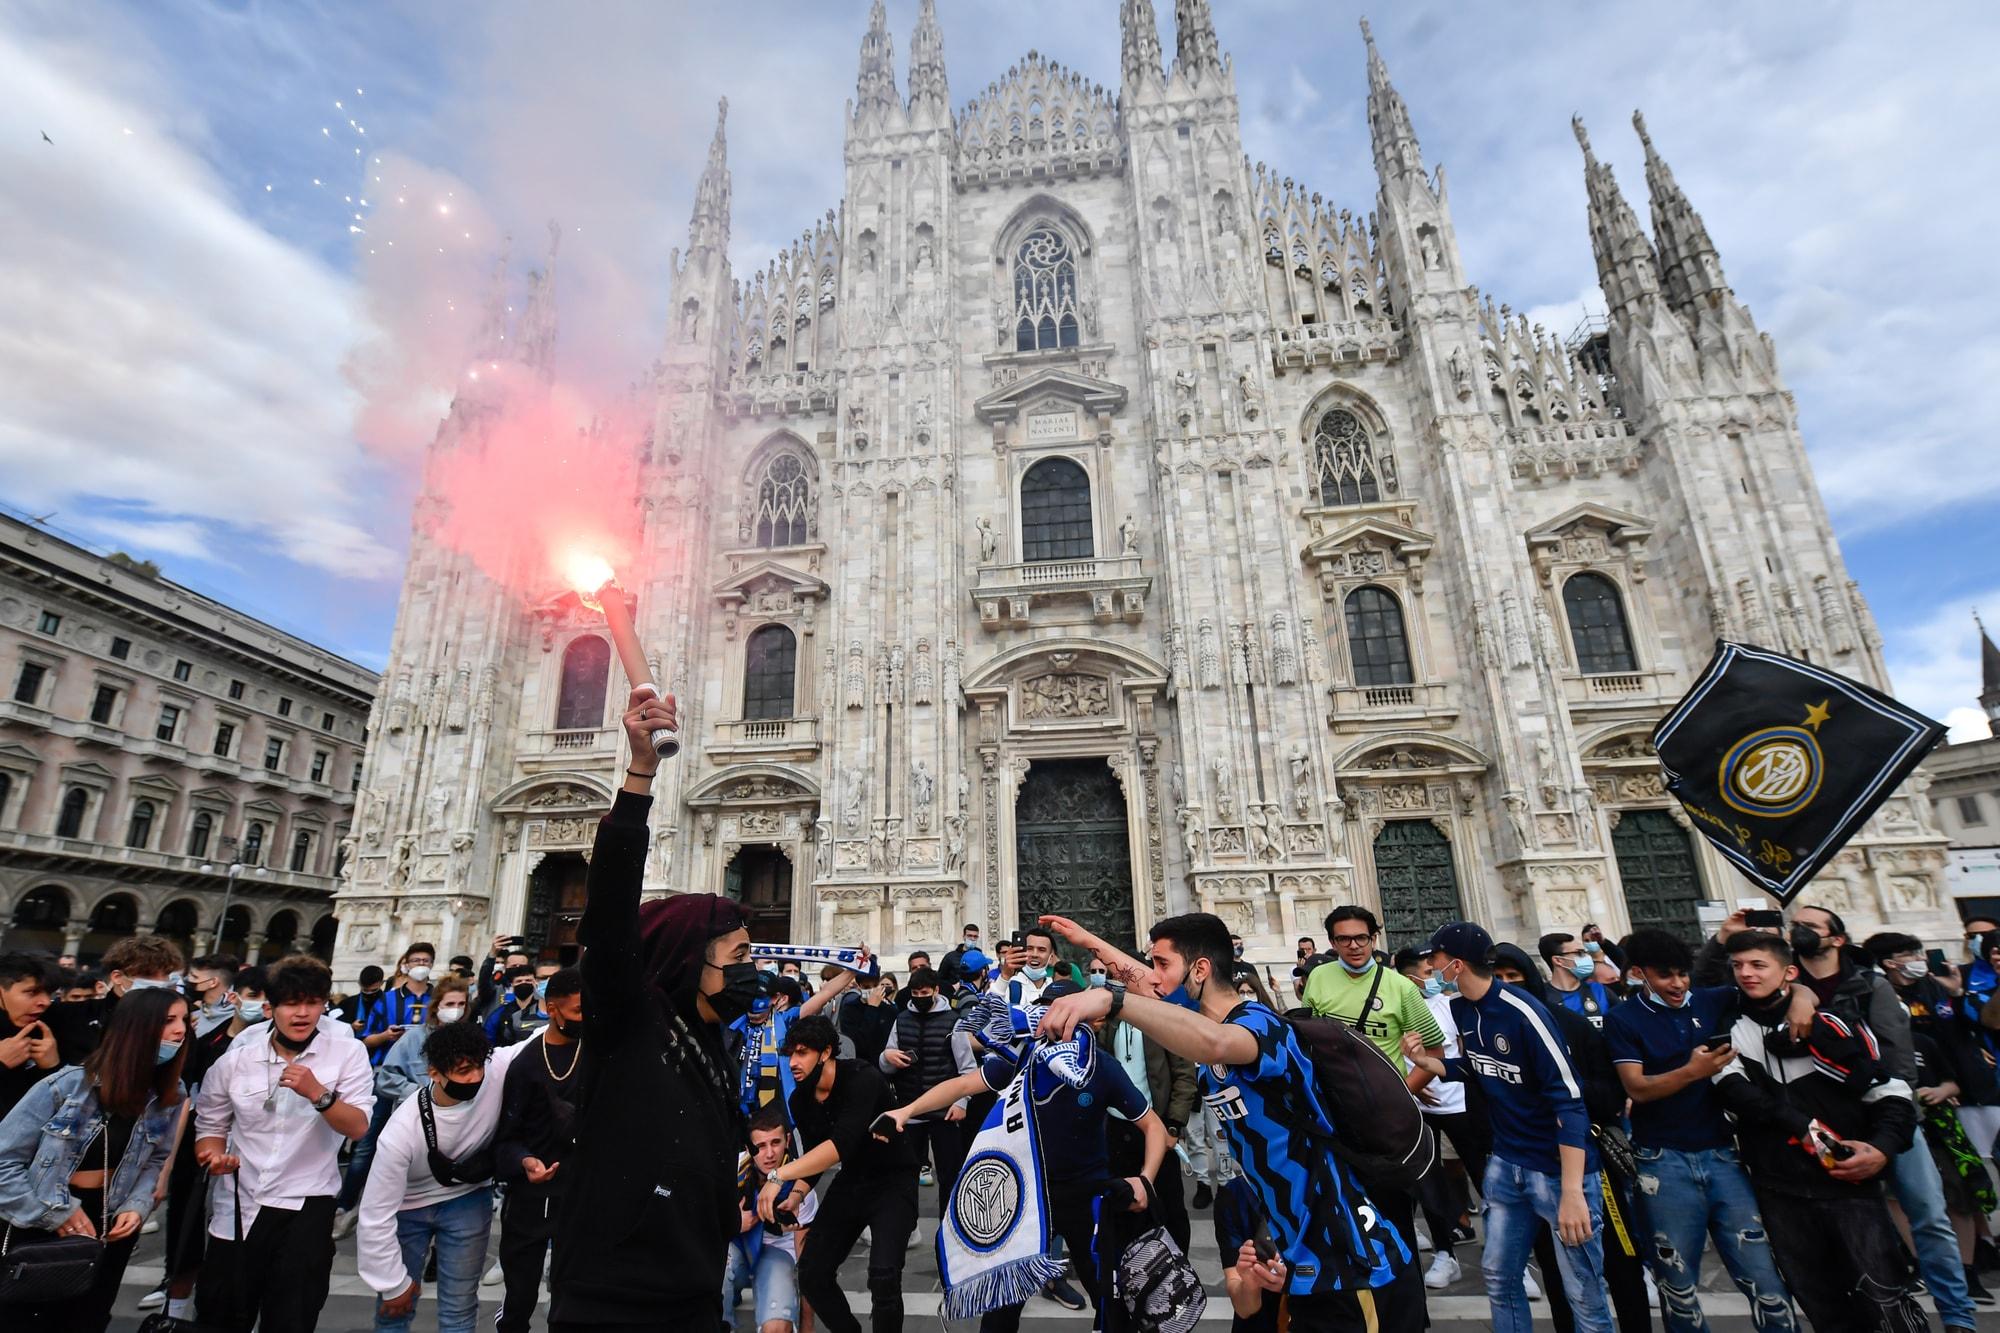 Inter Campione d'Italia: la festa dei tifosi nerazzurri a Piazza Duomo